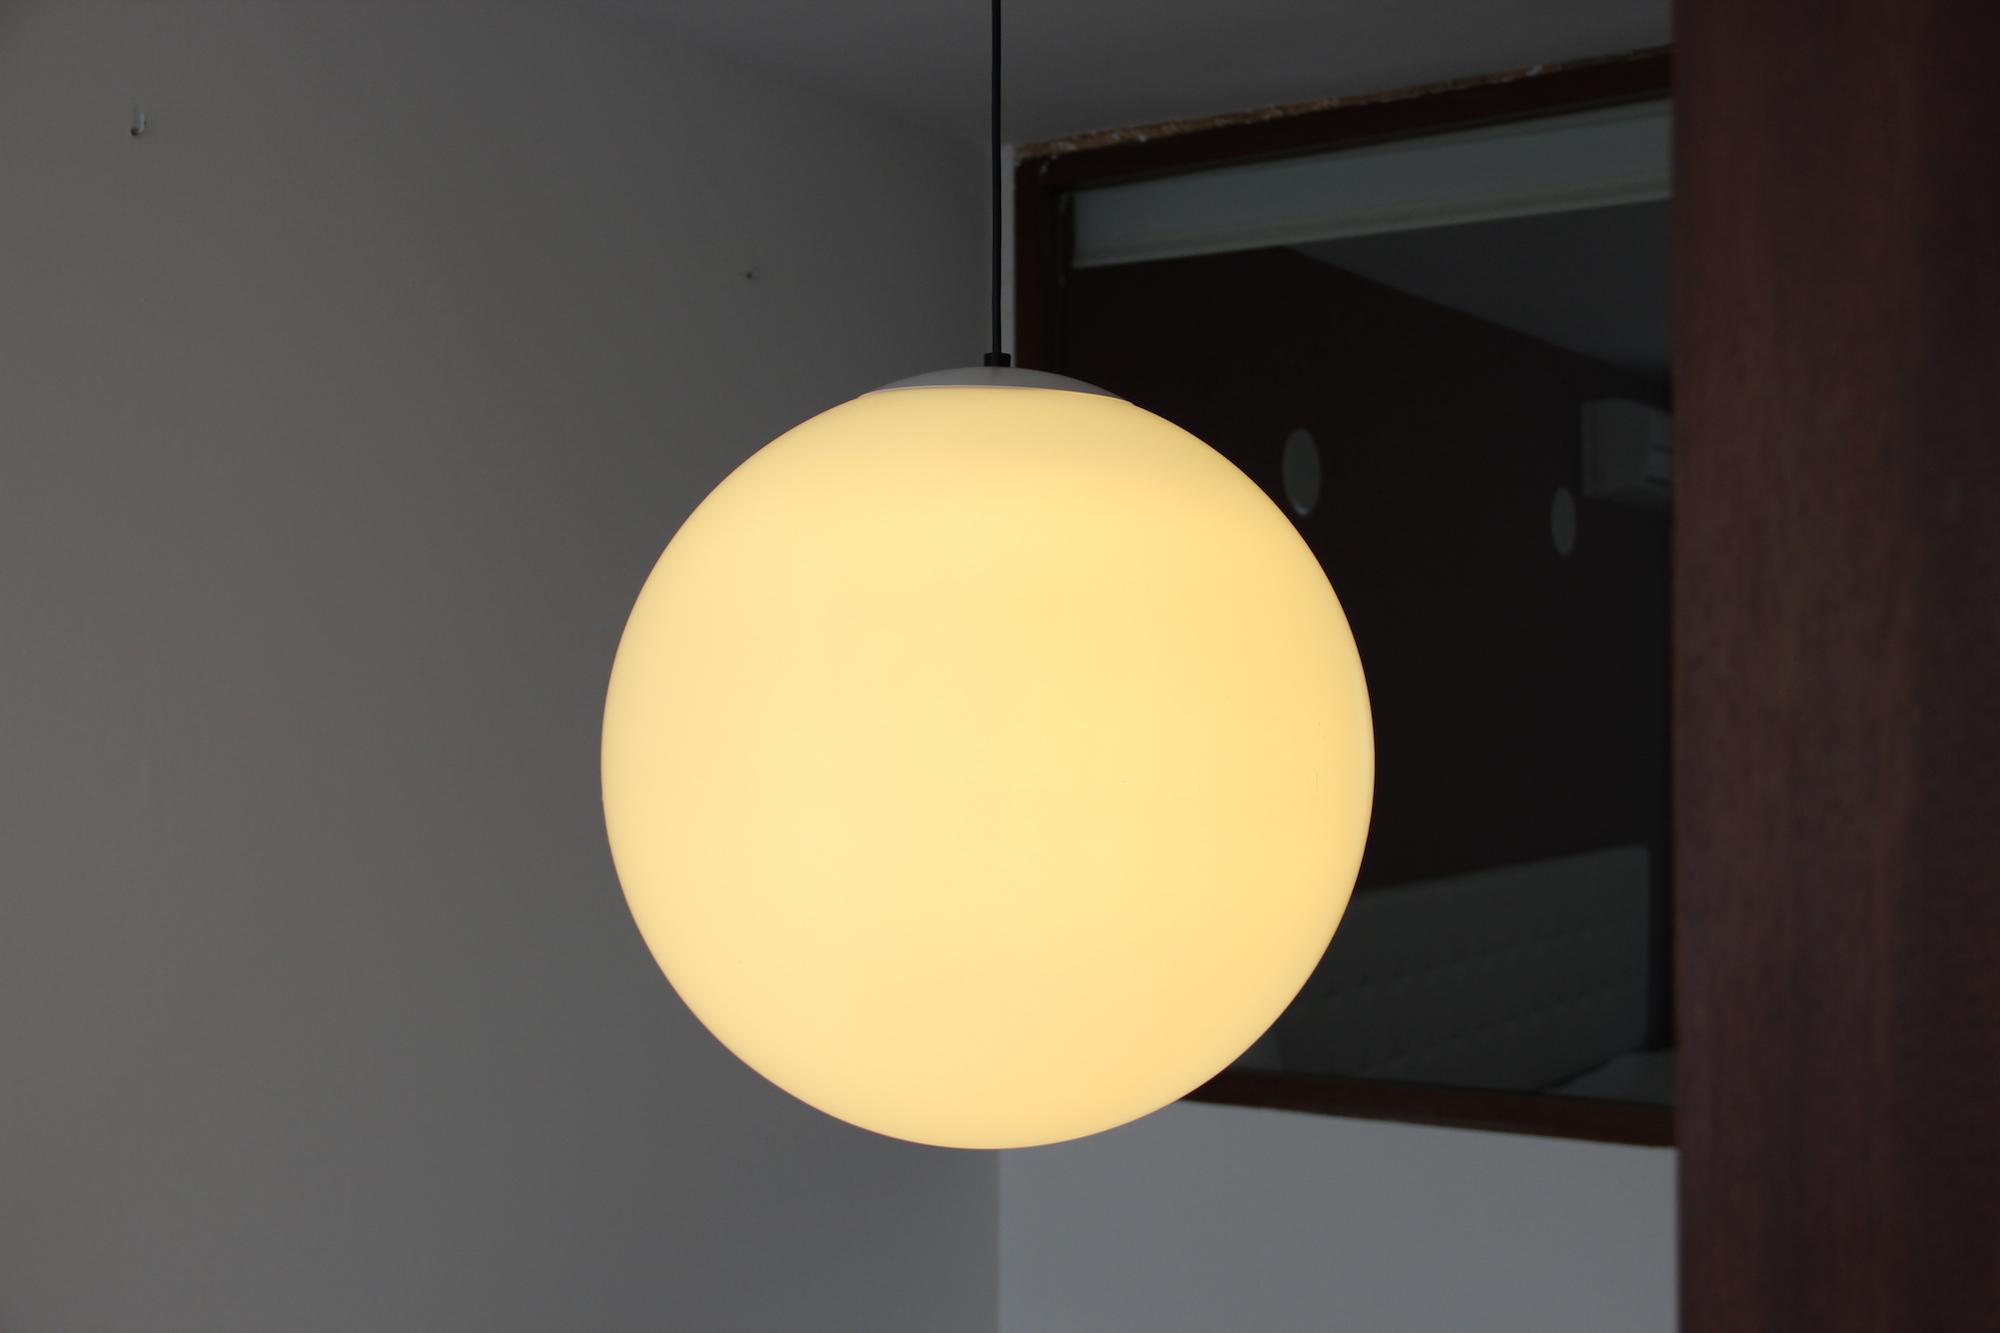 Ikea Lampe Kugel Birne Wechseln Ikea Leuchtmittel Gebraucht Kaufen